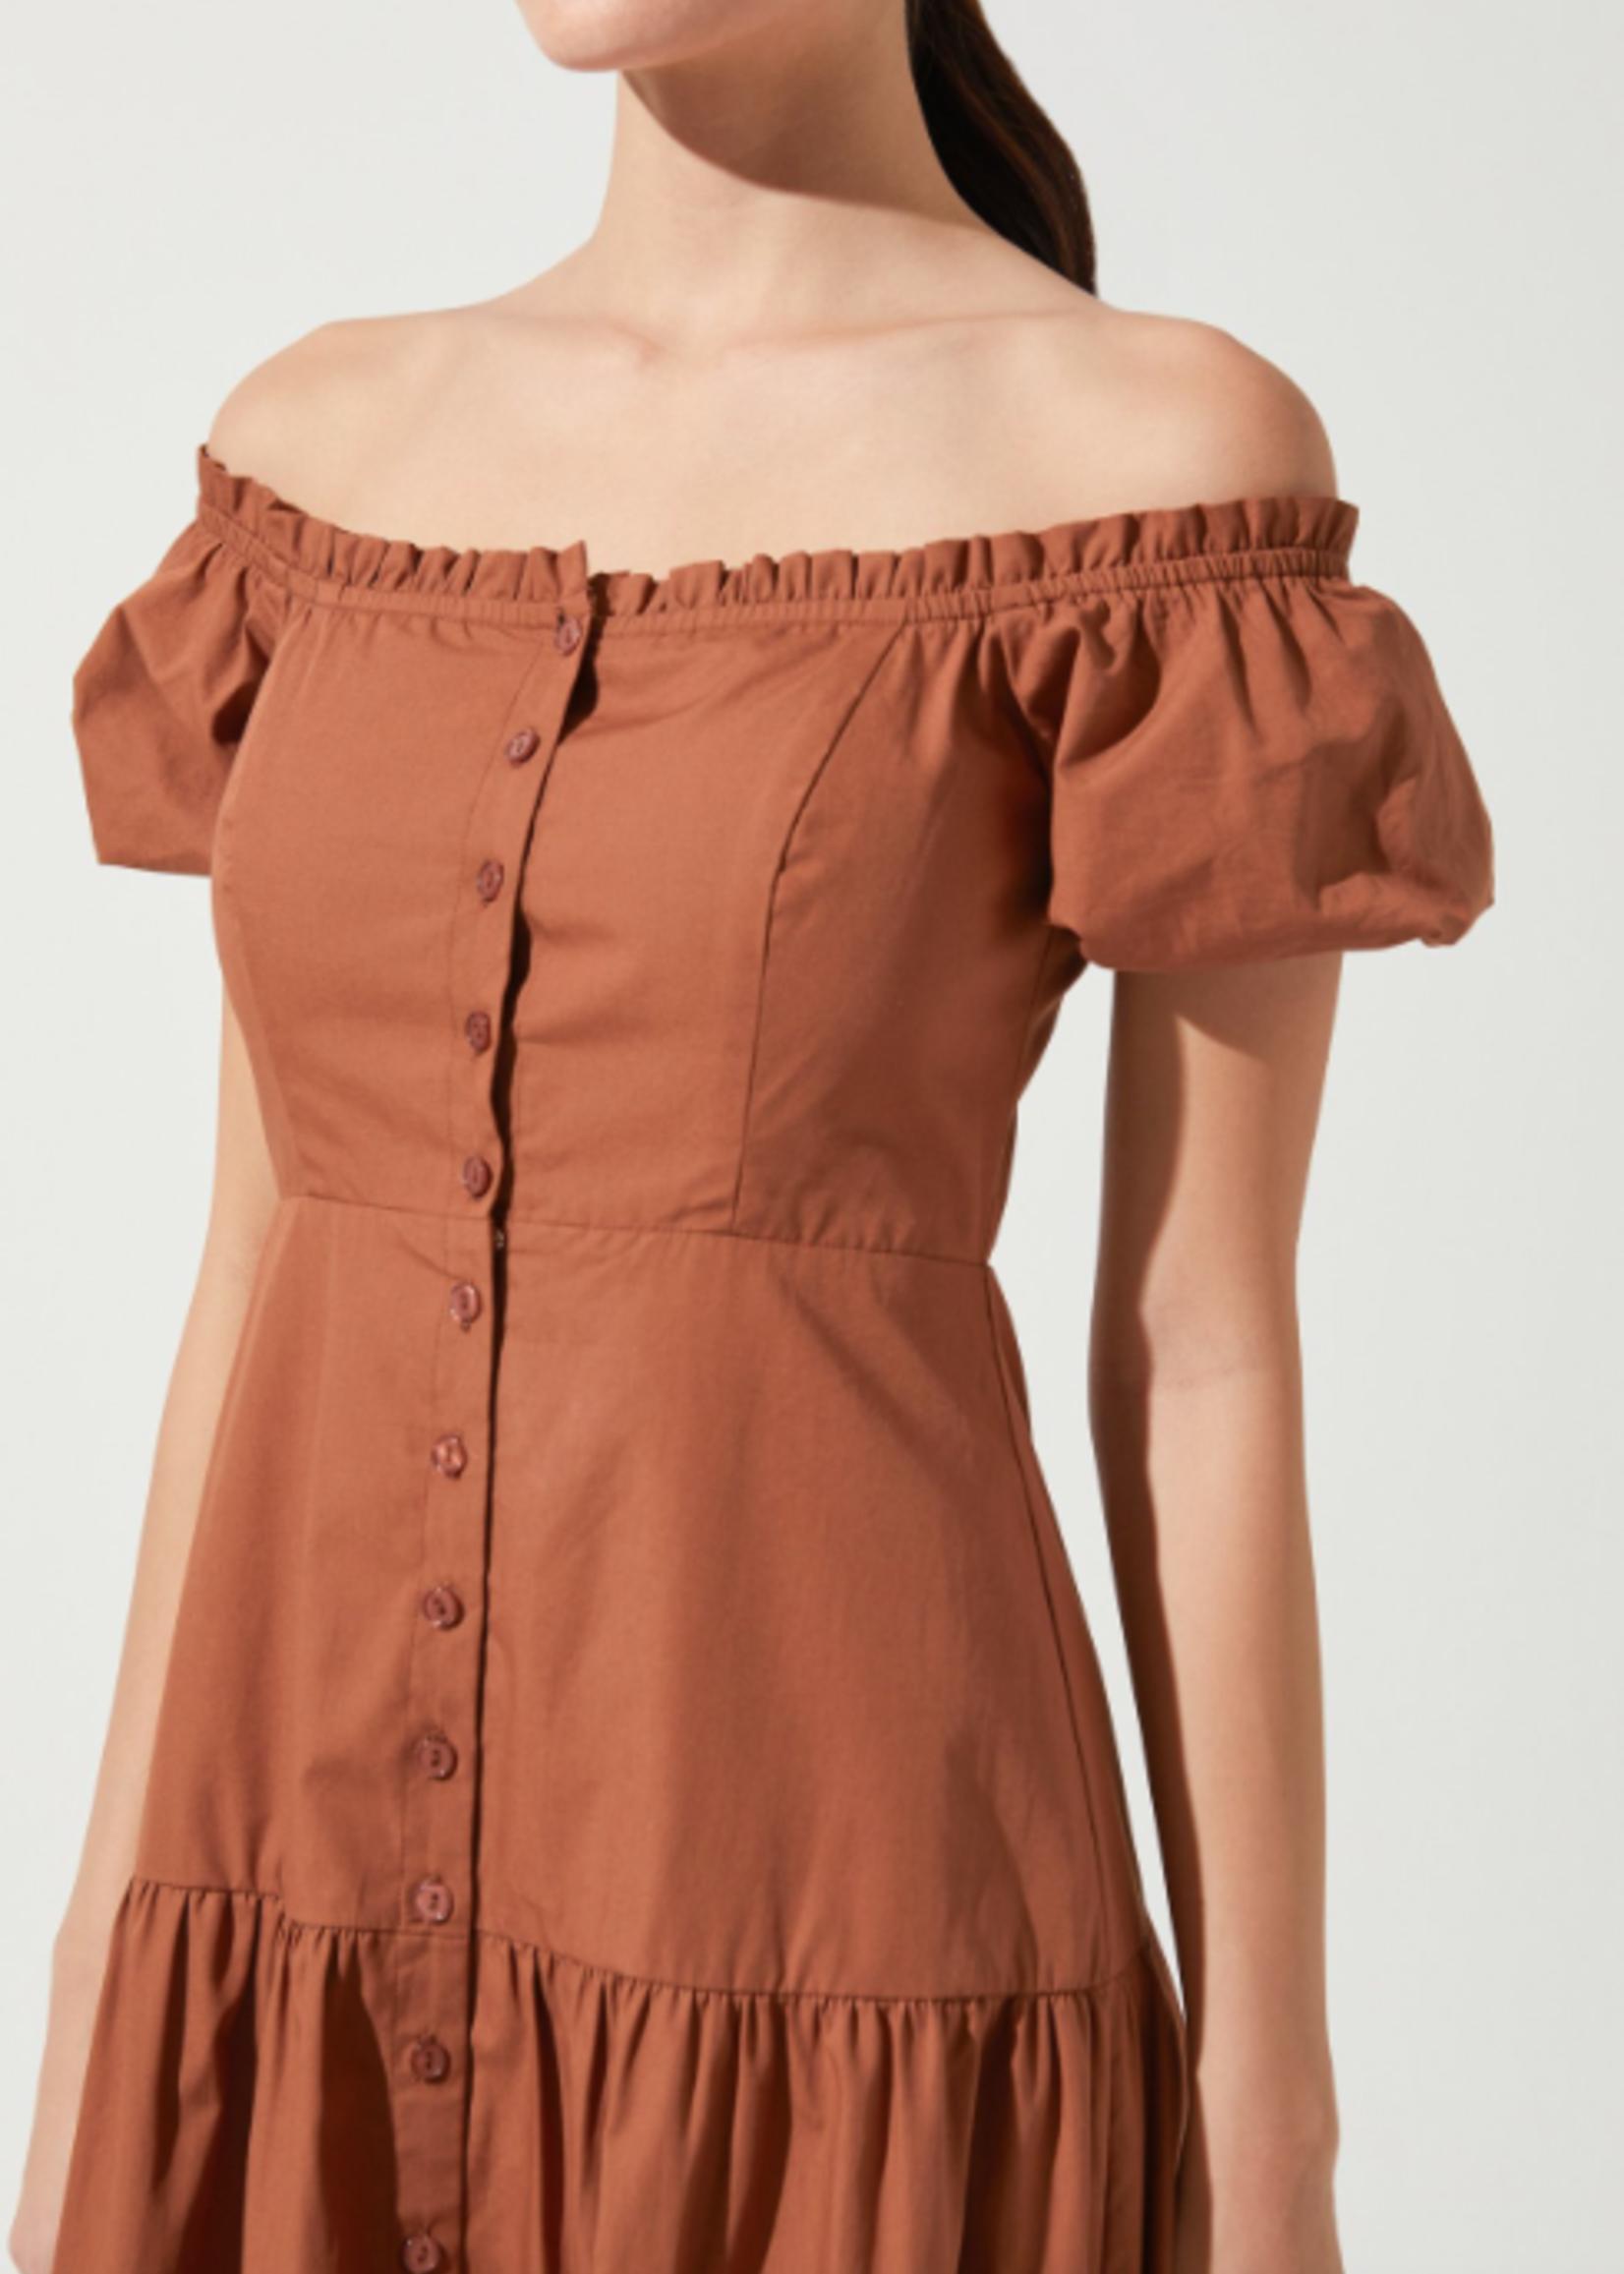 Elitaire Boutique Saveria Dress